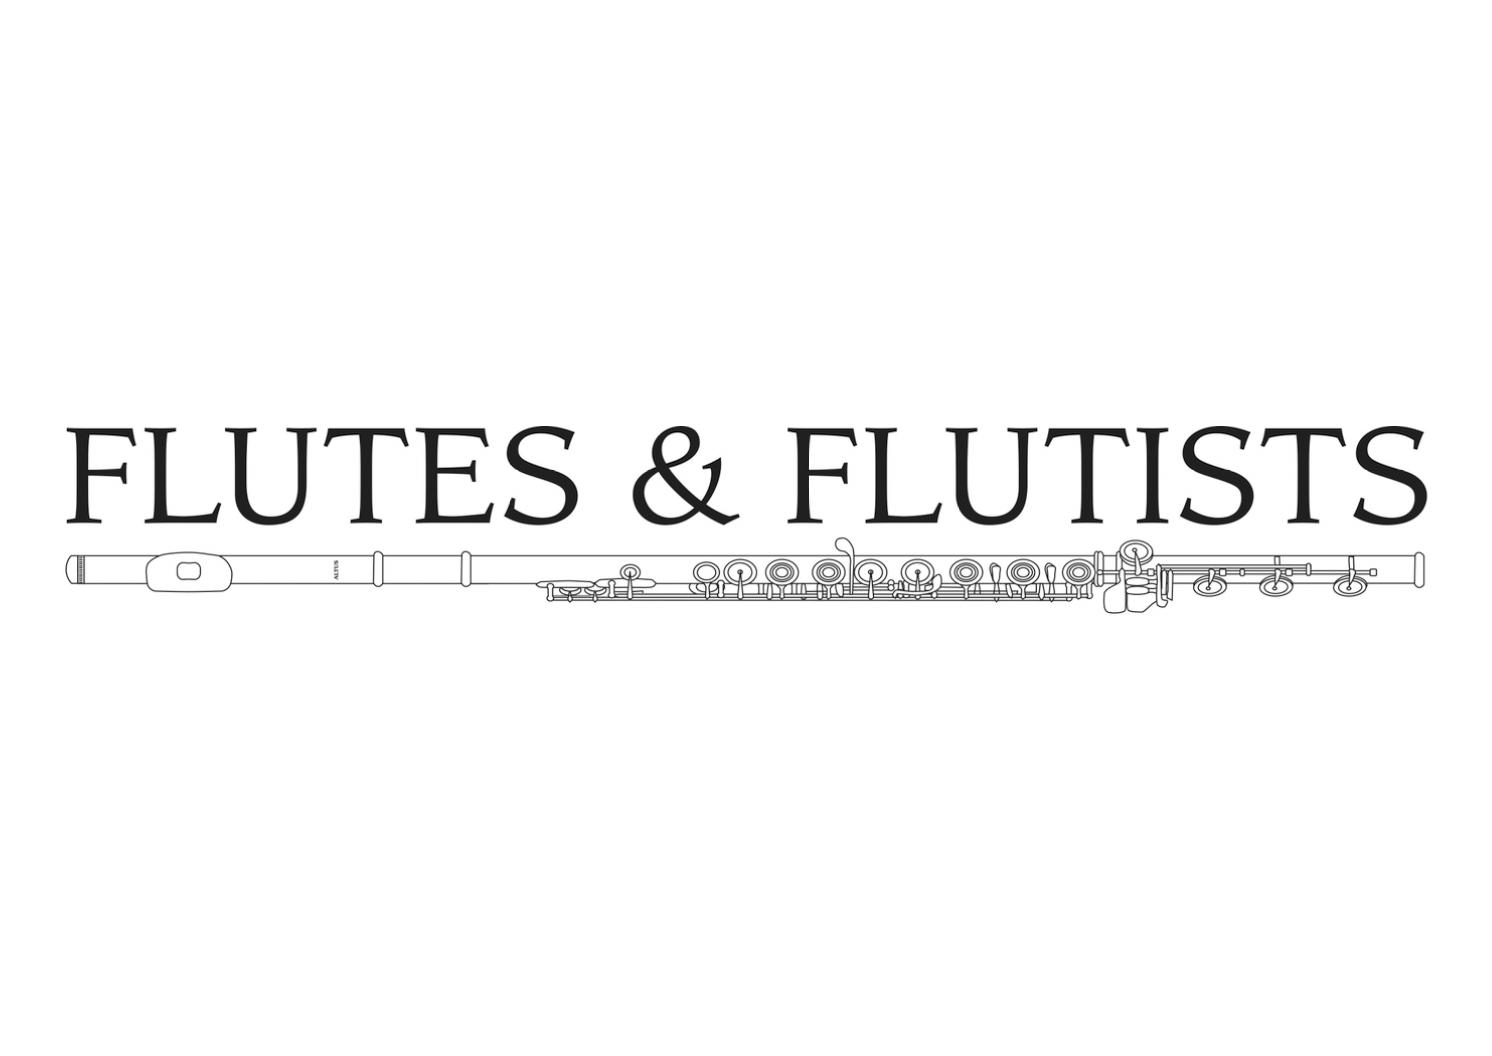 Flutes & Flutists - Wellington  Representative - Brad Teal